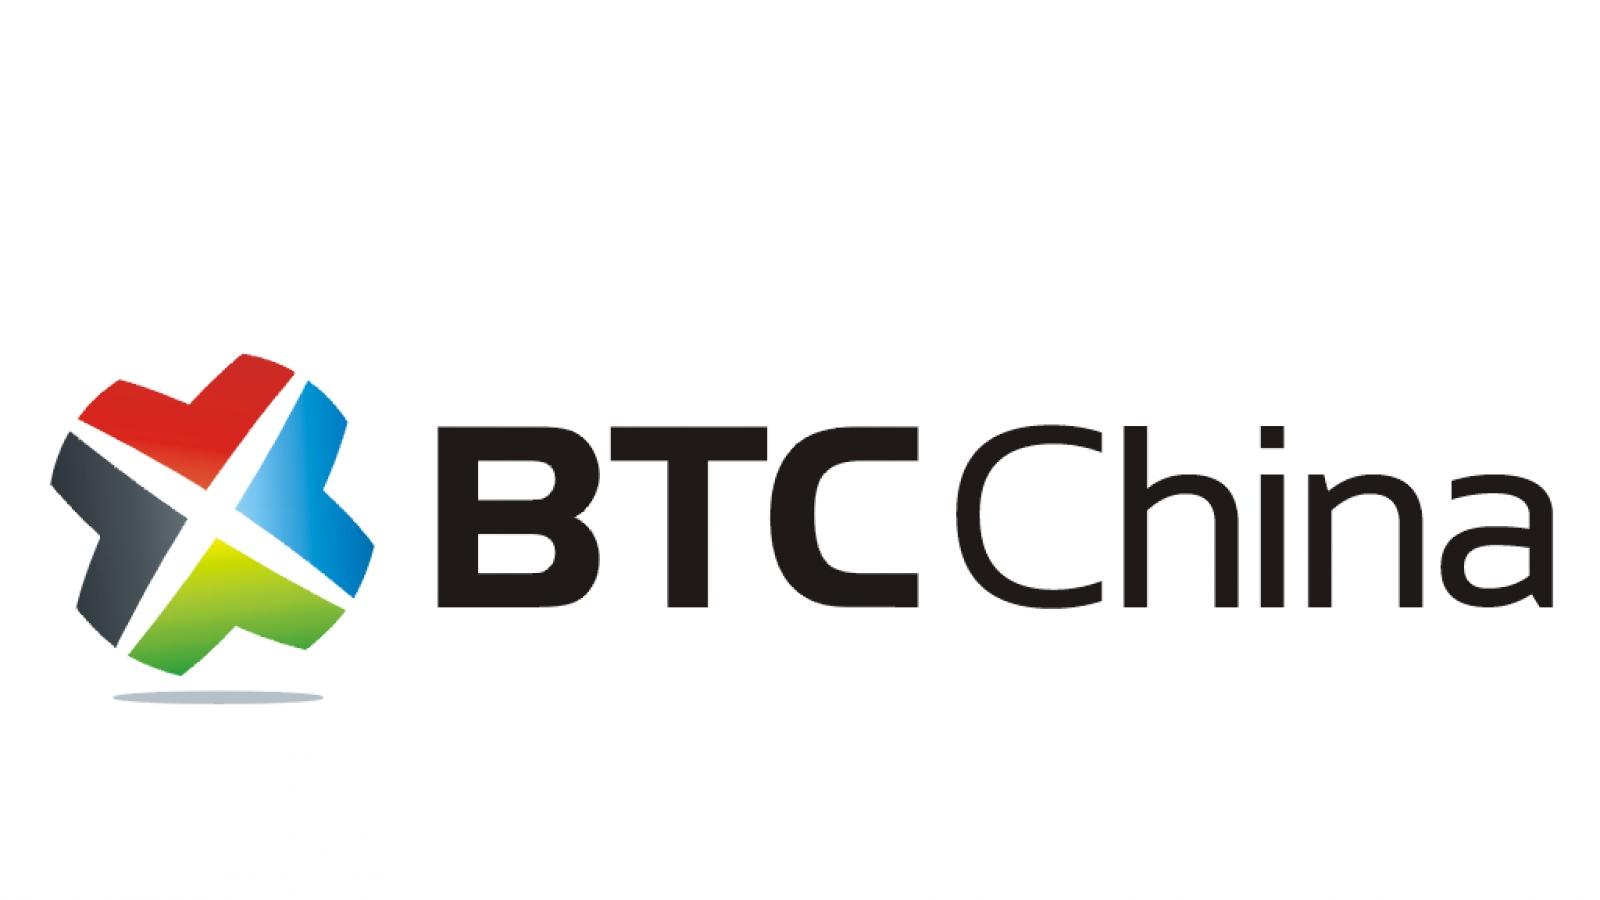 Sàn Bitcoin đầu tiên của Trung Quốc đóng cửa giao dịch tiền ảo